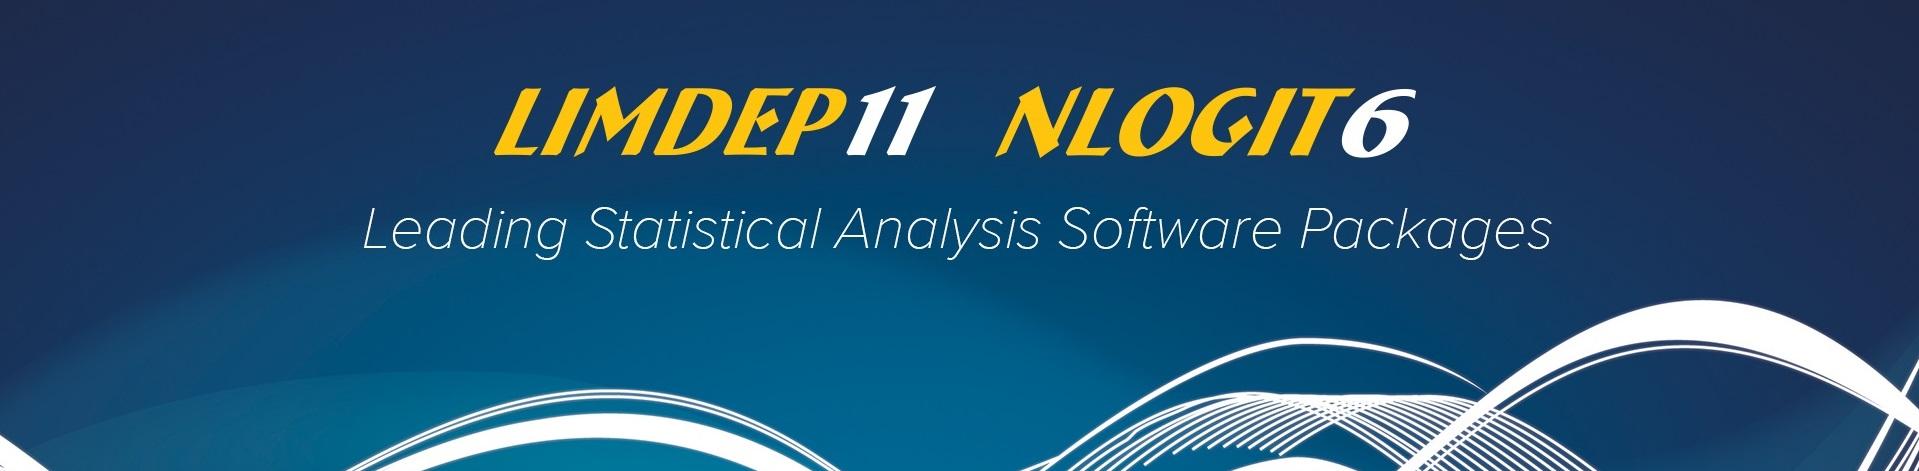 دانلود Nlogit 6.0